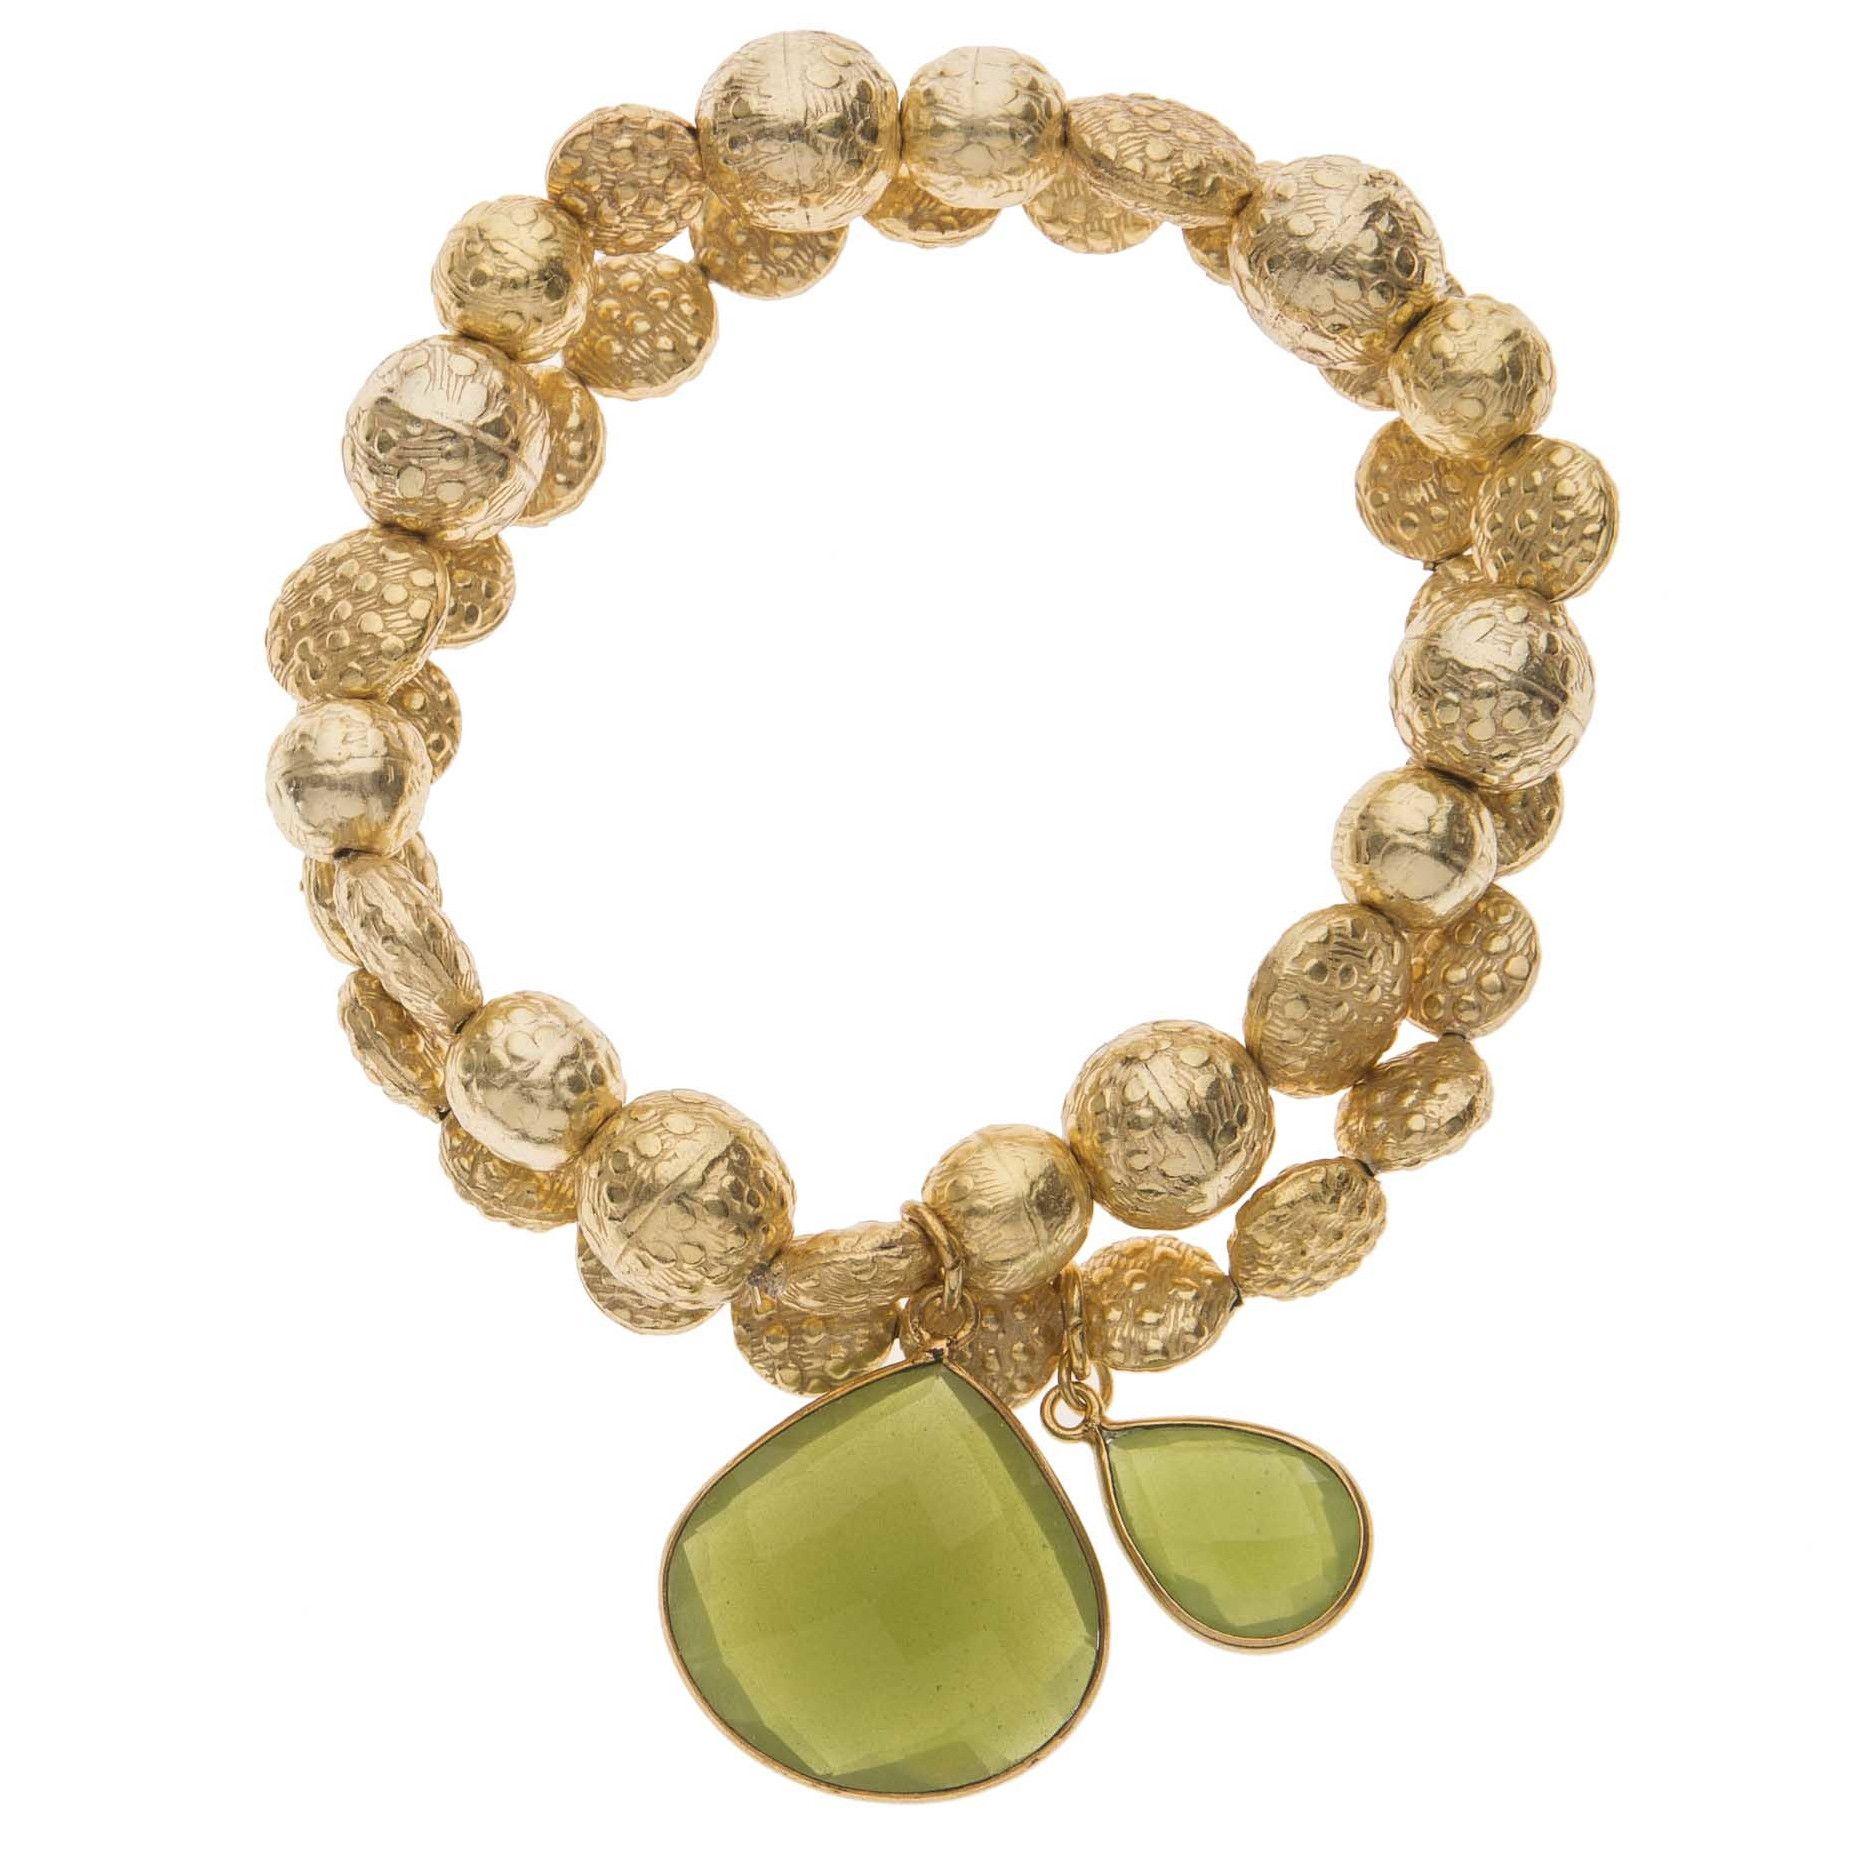 Or Bracelet Ashiana Et Charme Ashiana jhb9418ct1